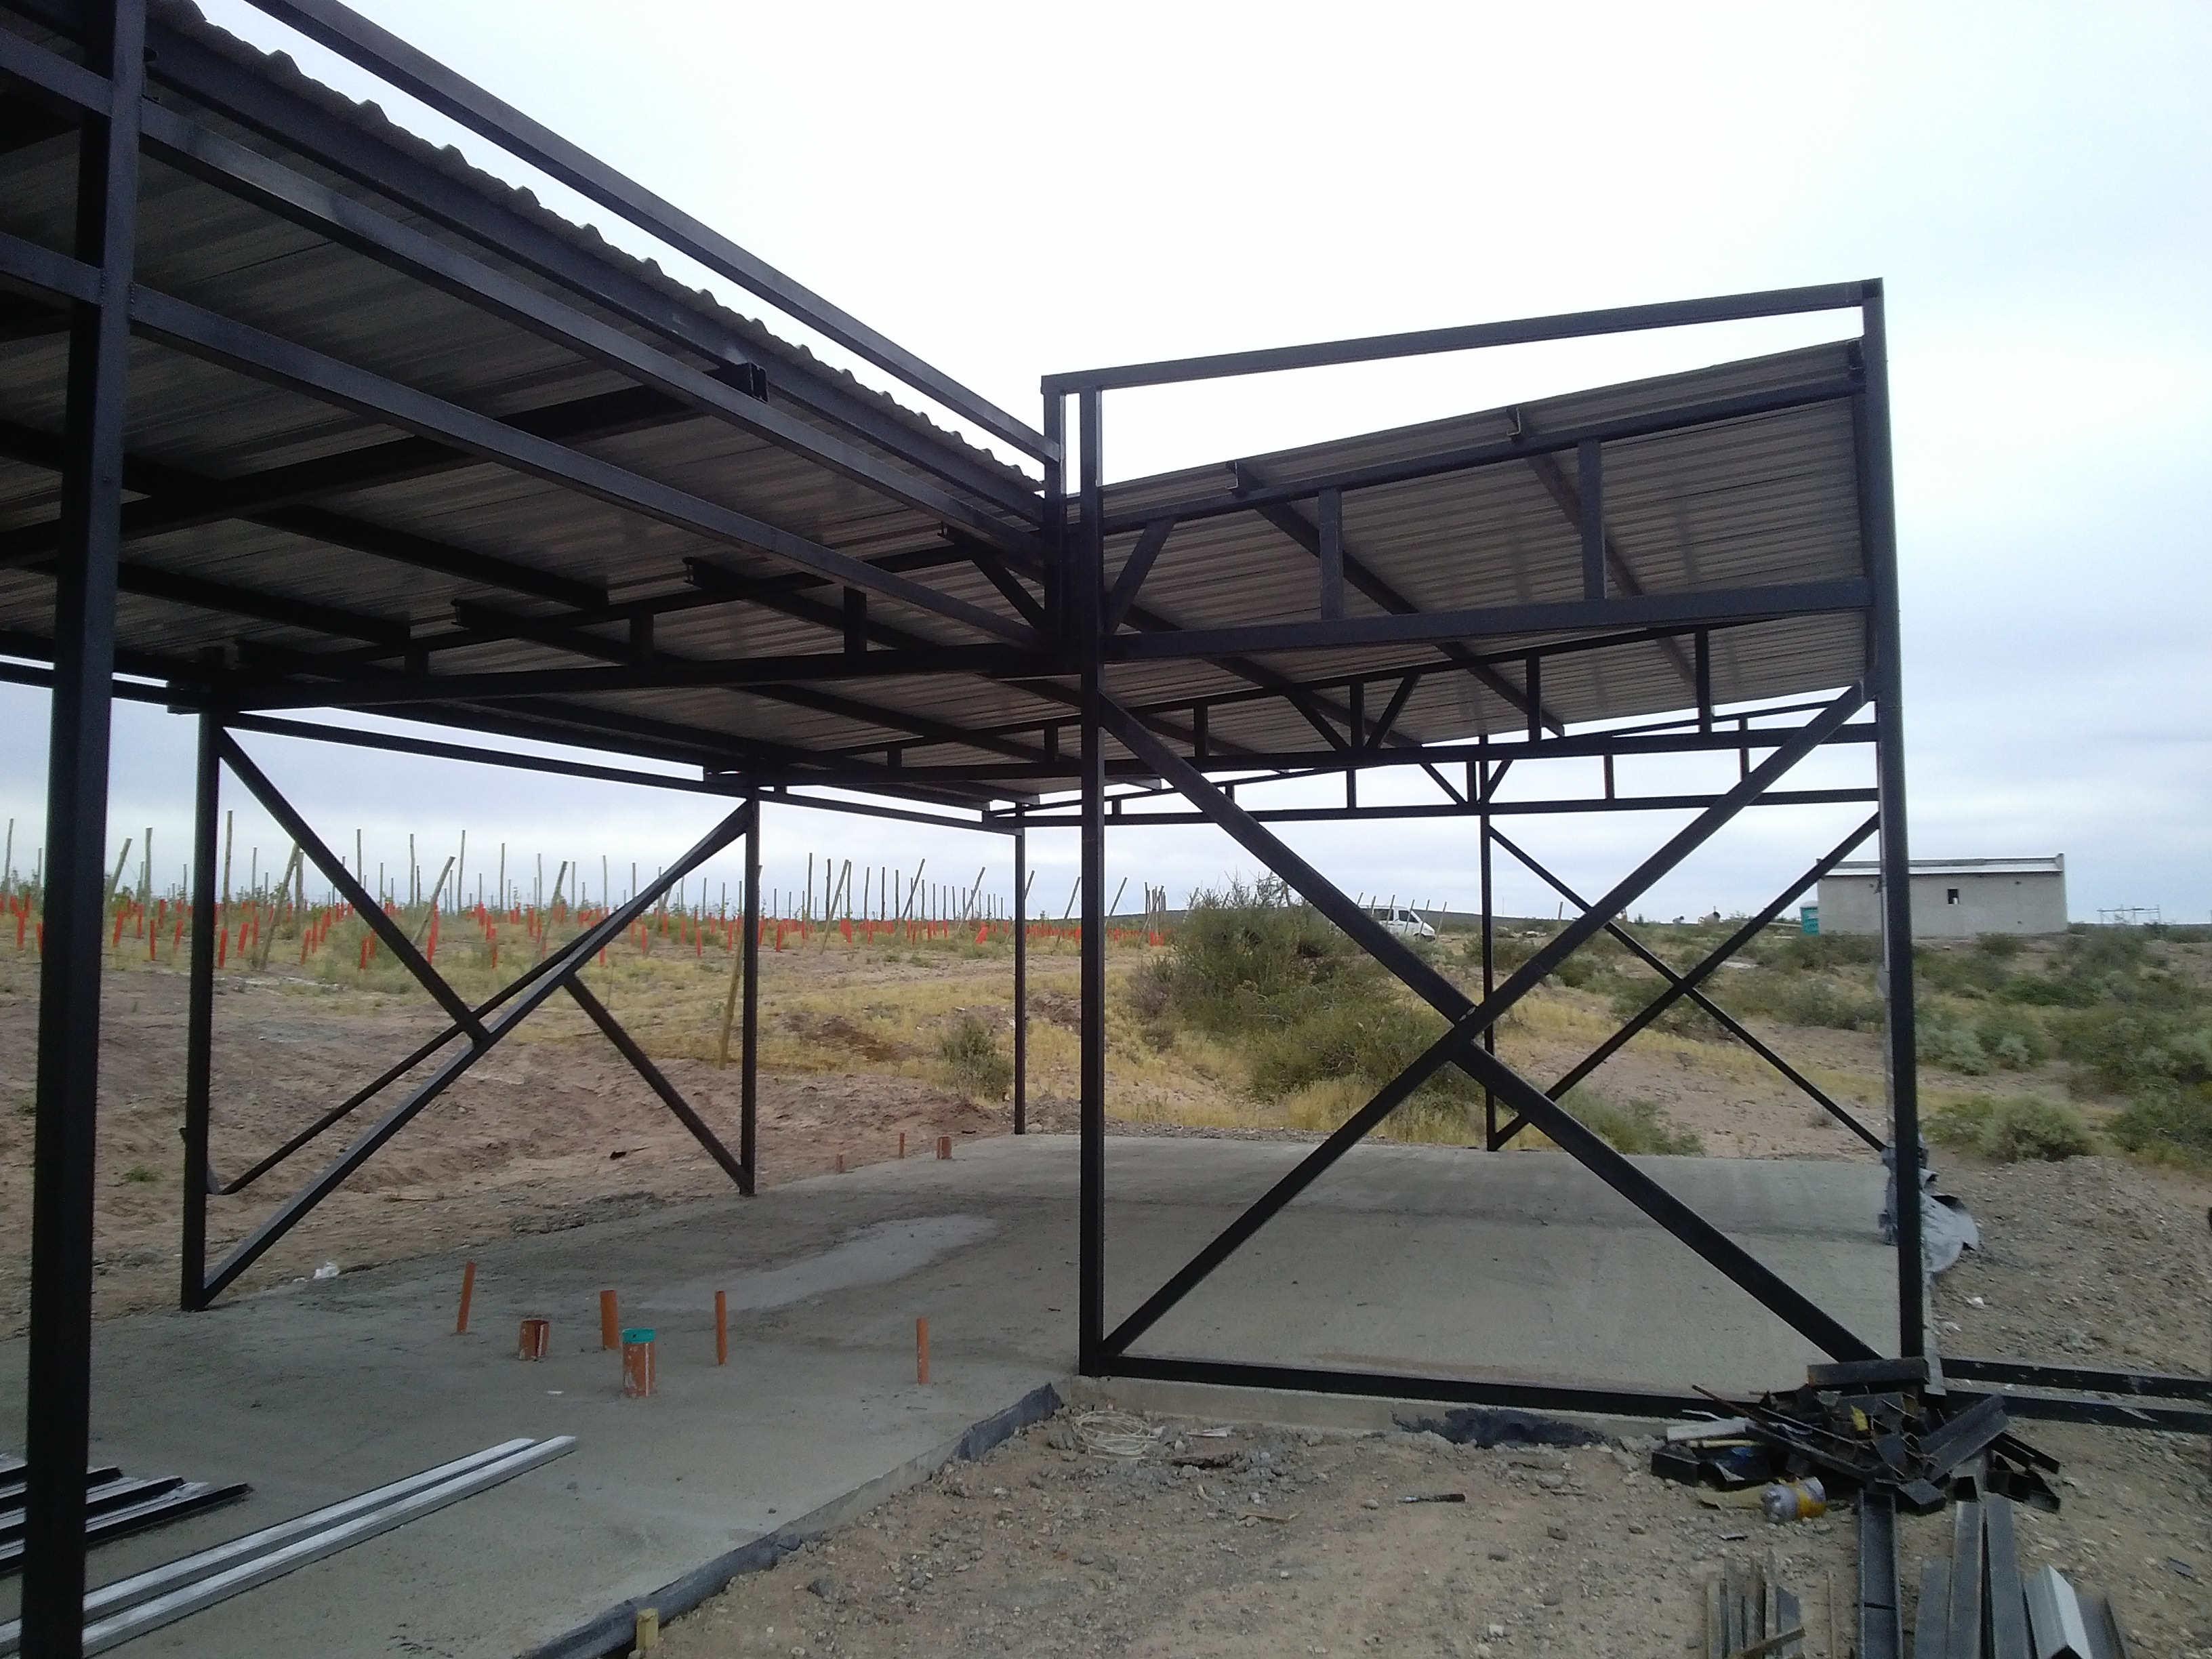 Construcci n en seco foro ver tema casas con hierro for Armar escalera metalica